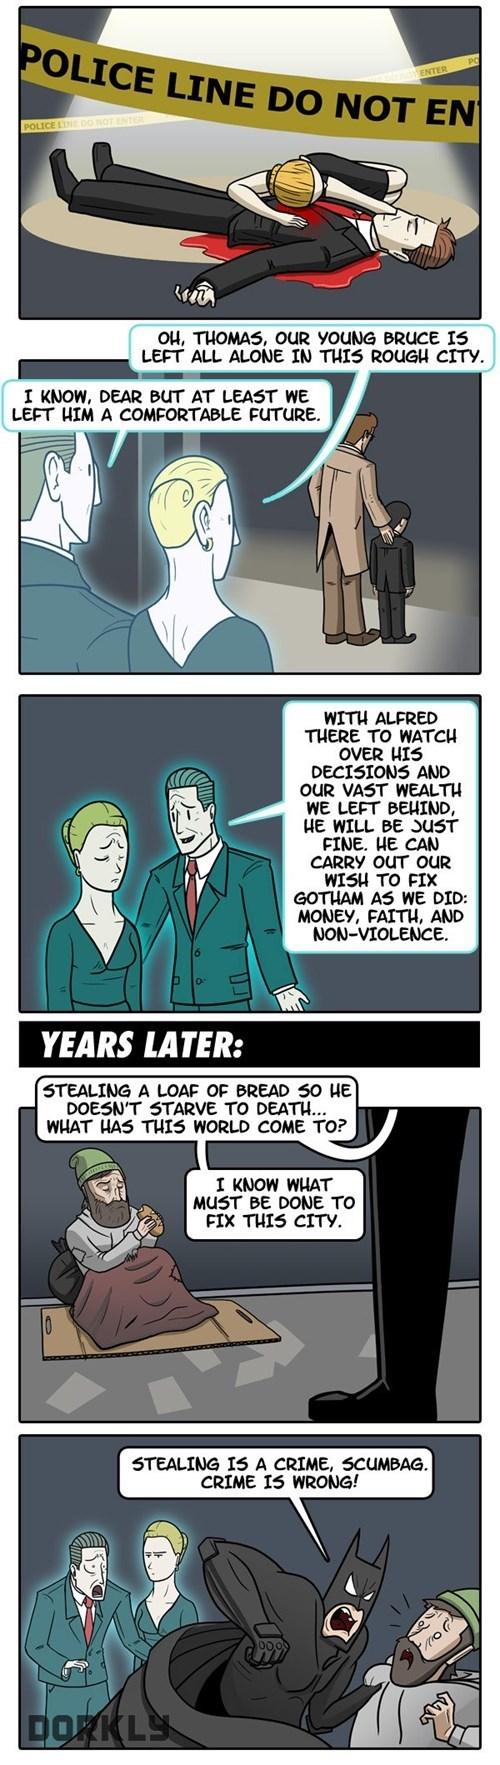 dorkly batman web comics - 8110253312